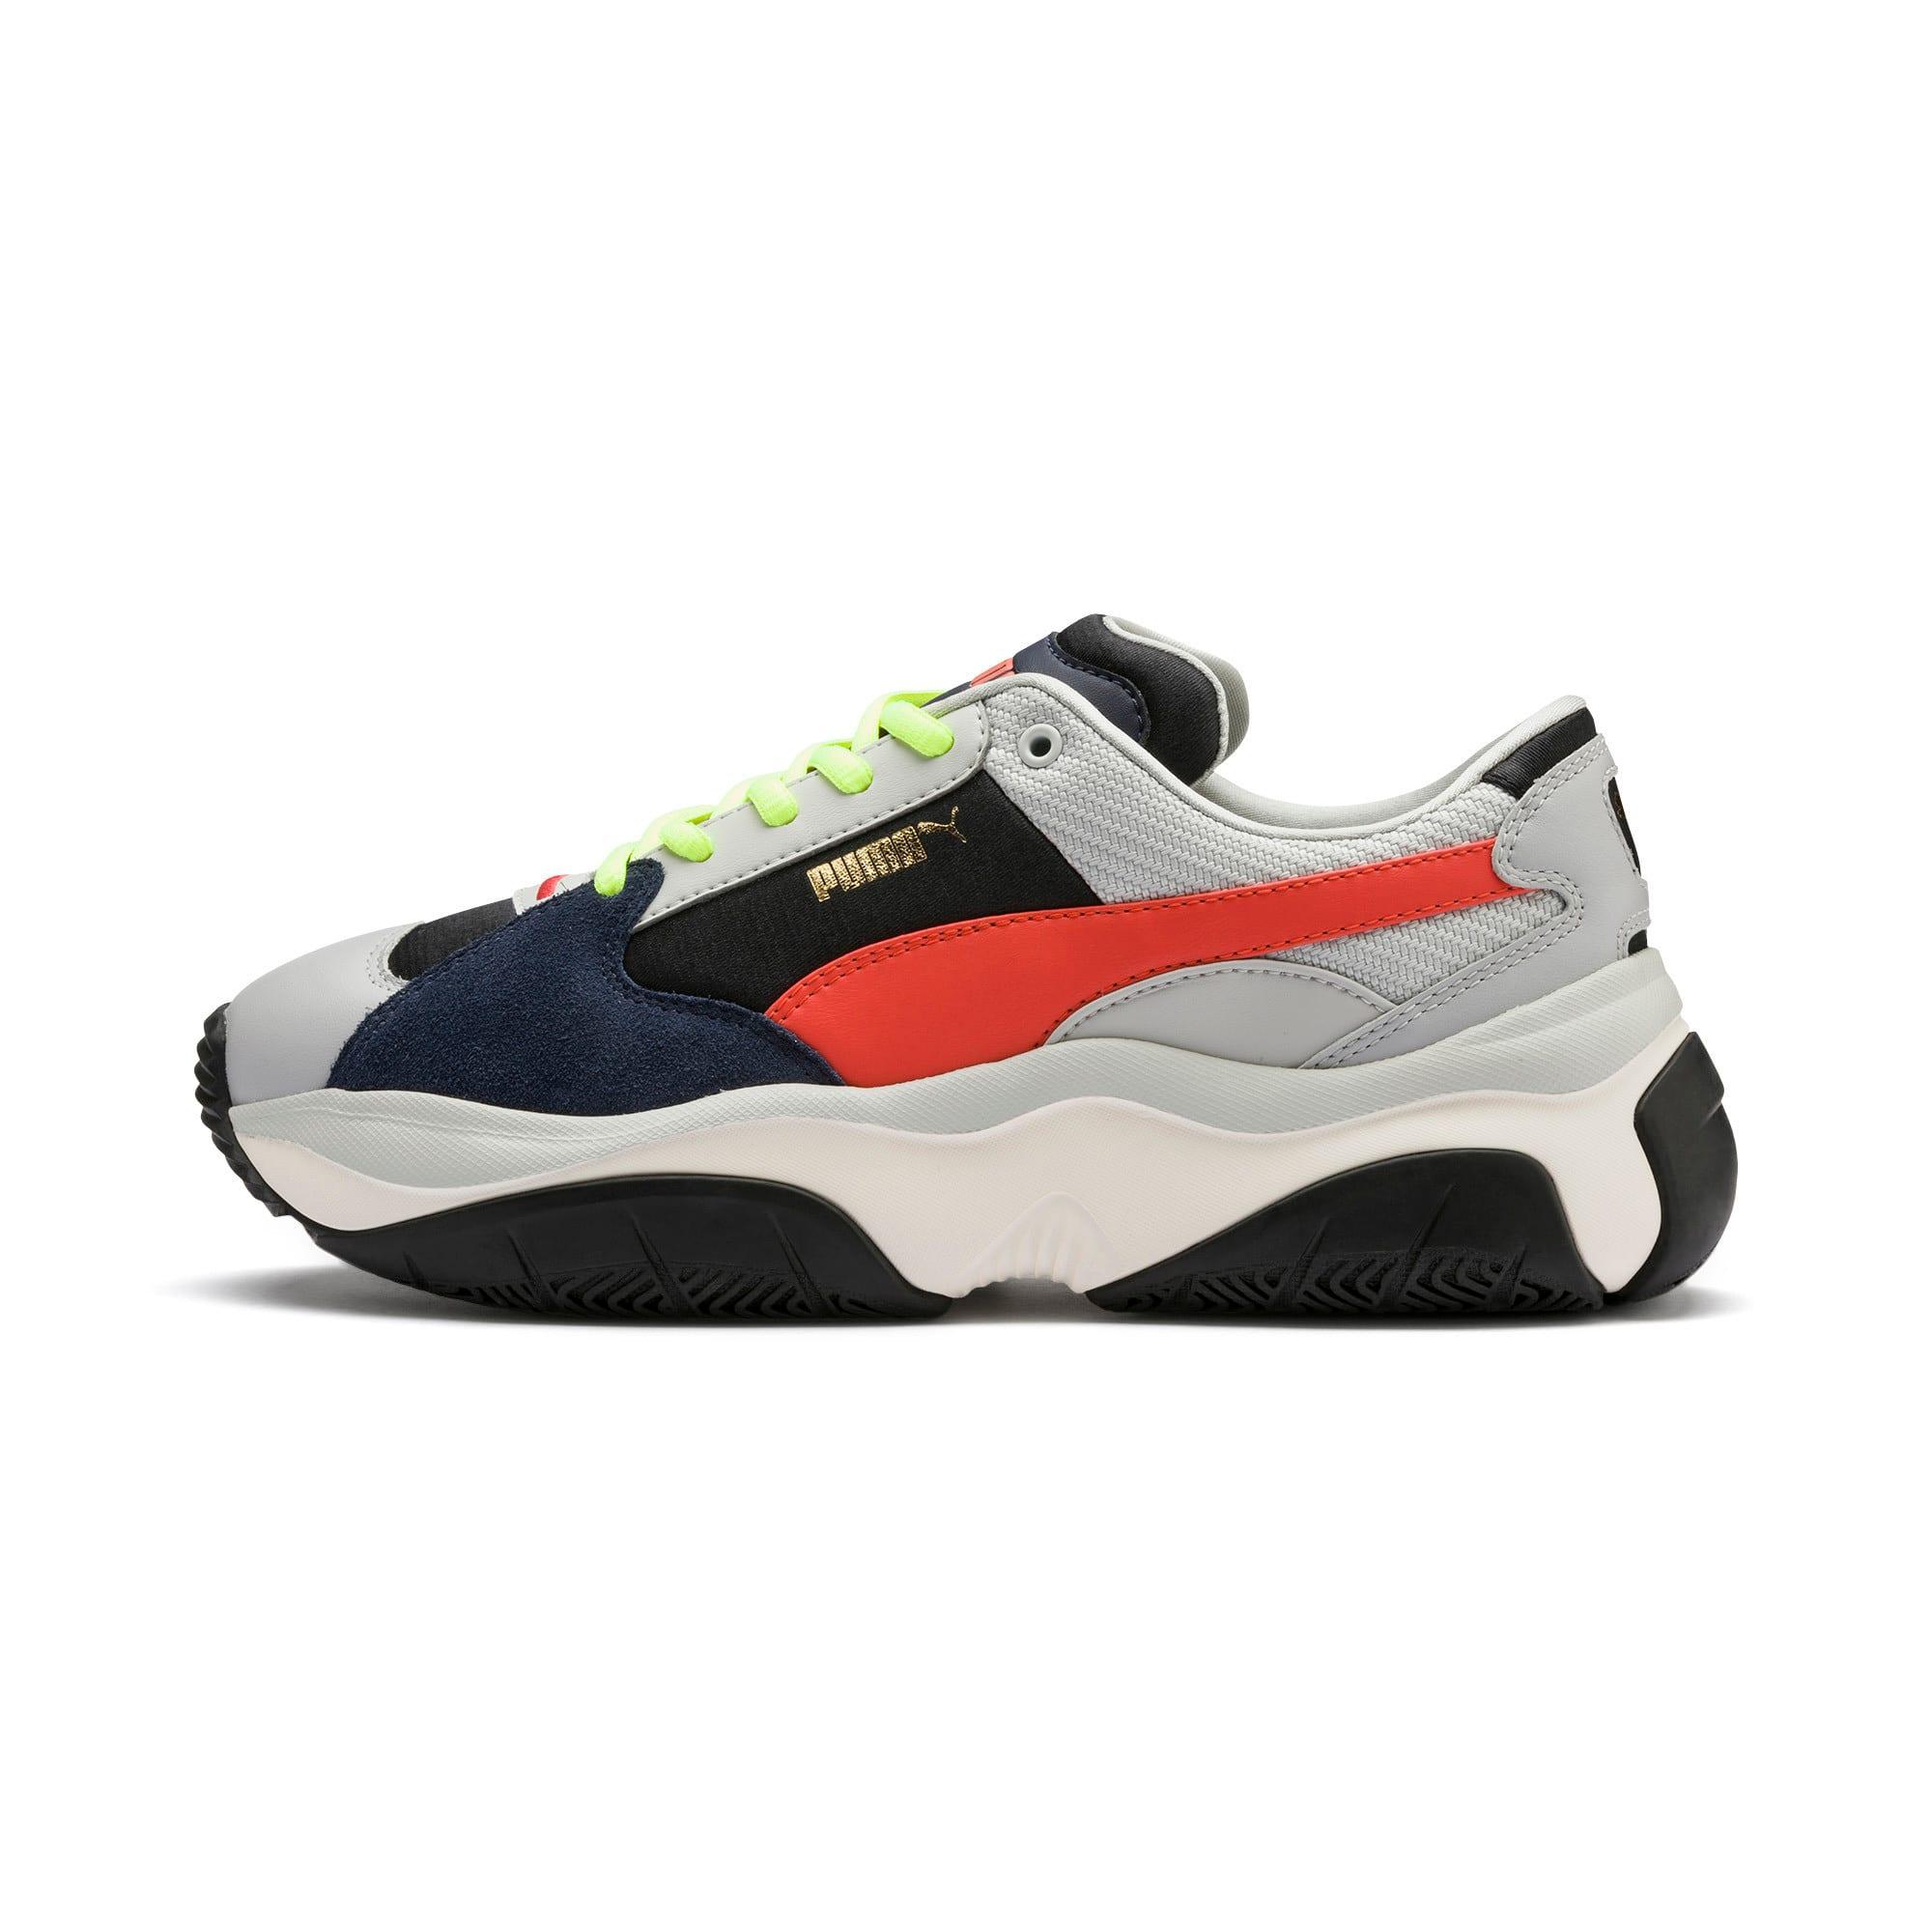 Imagen en miniatura 1 de Zapatillas de mujer STORM.Y, Gray Violet, mediana